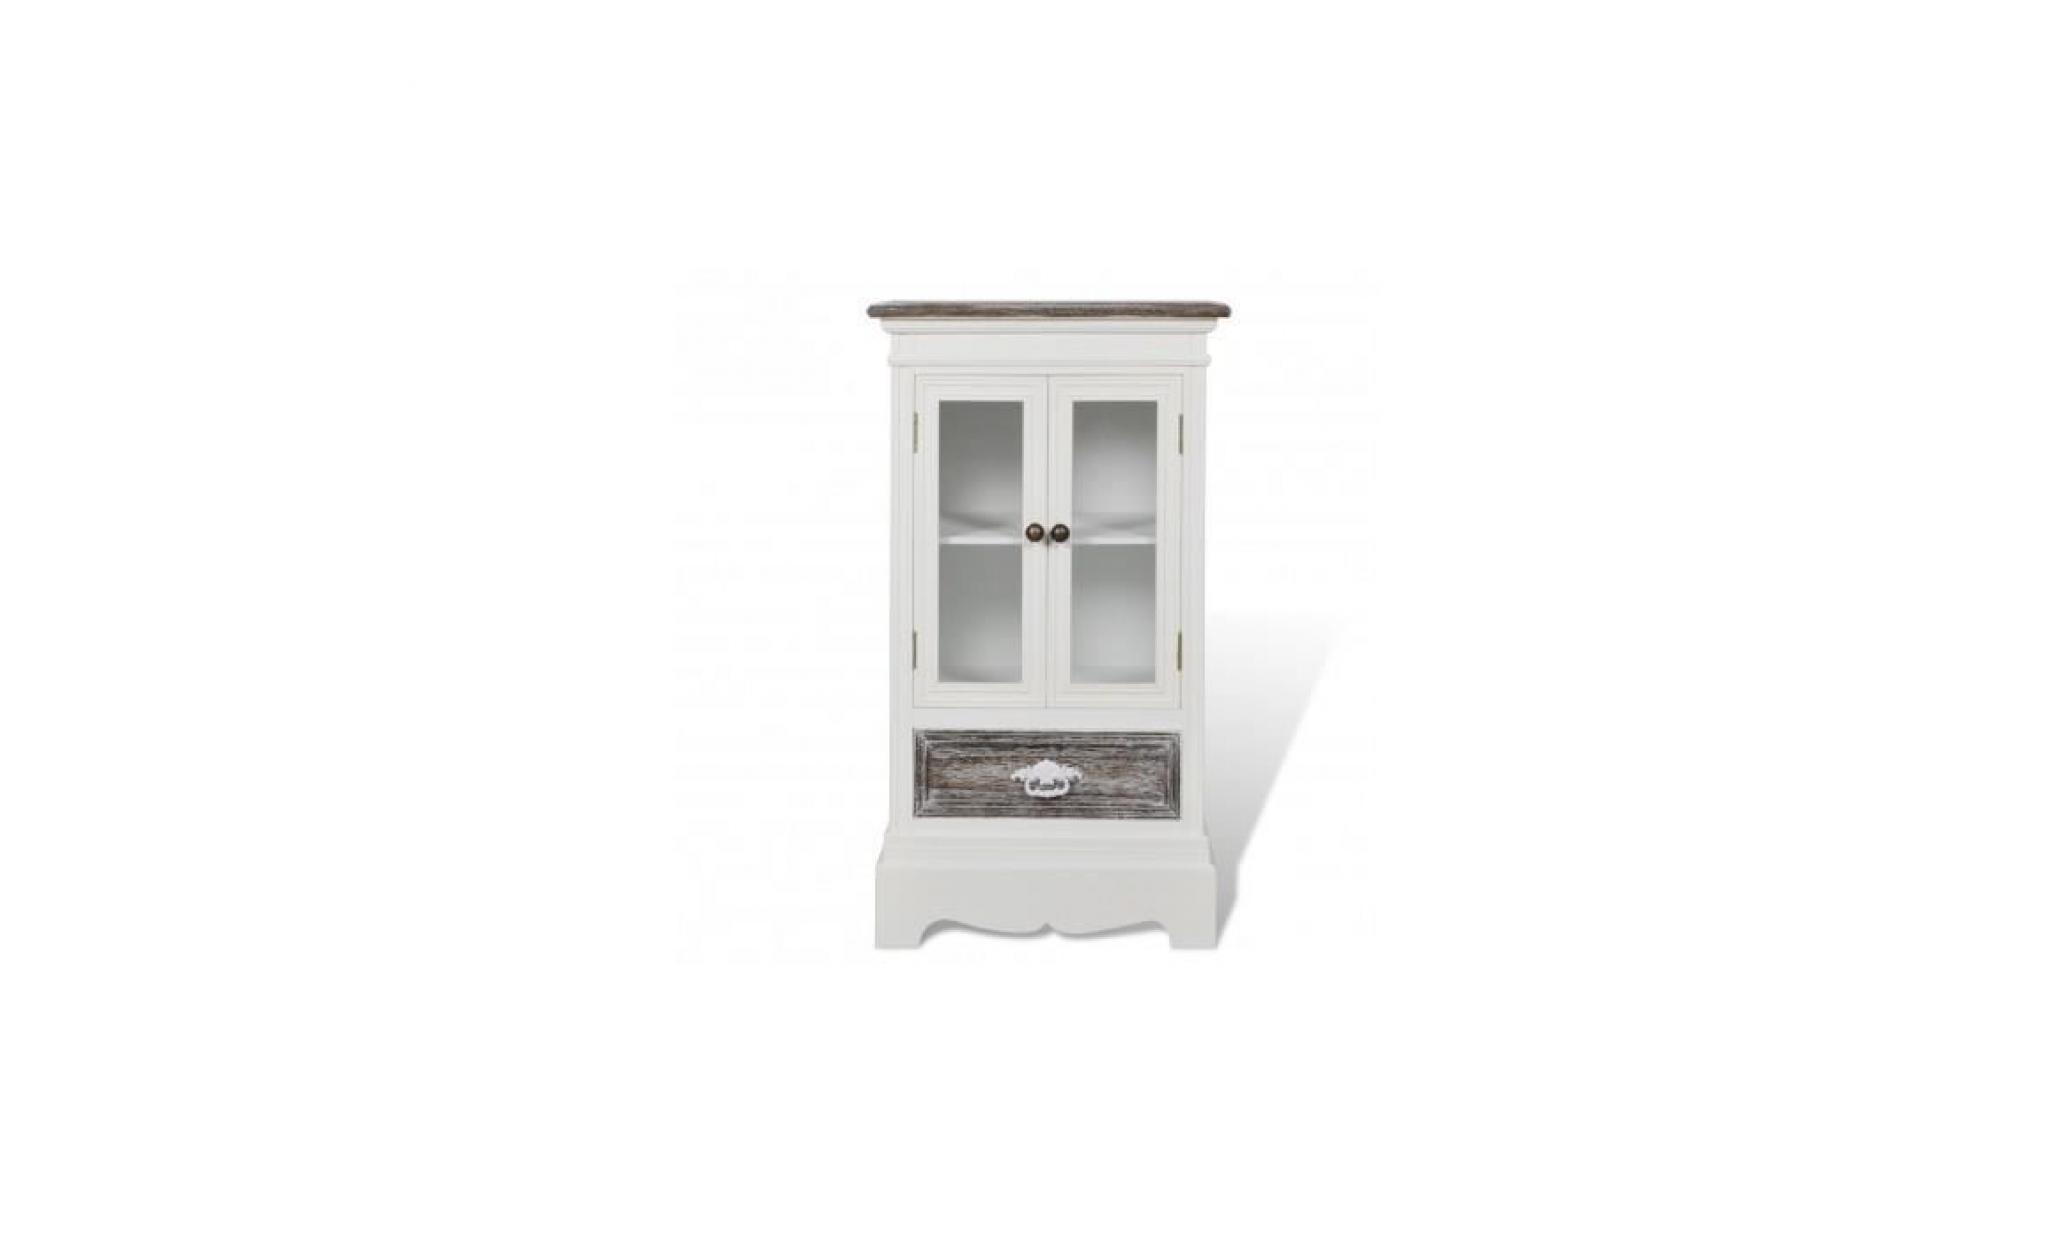 armoire en bois 2 portes 1 tiroir blanc achat vente armoire de chambre pas cher couleur et. Black Bedroom Furniture Sets. Home Design Ideas